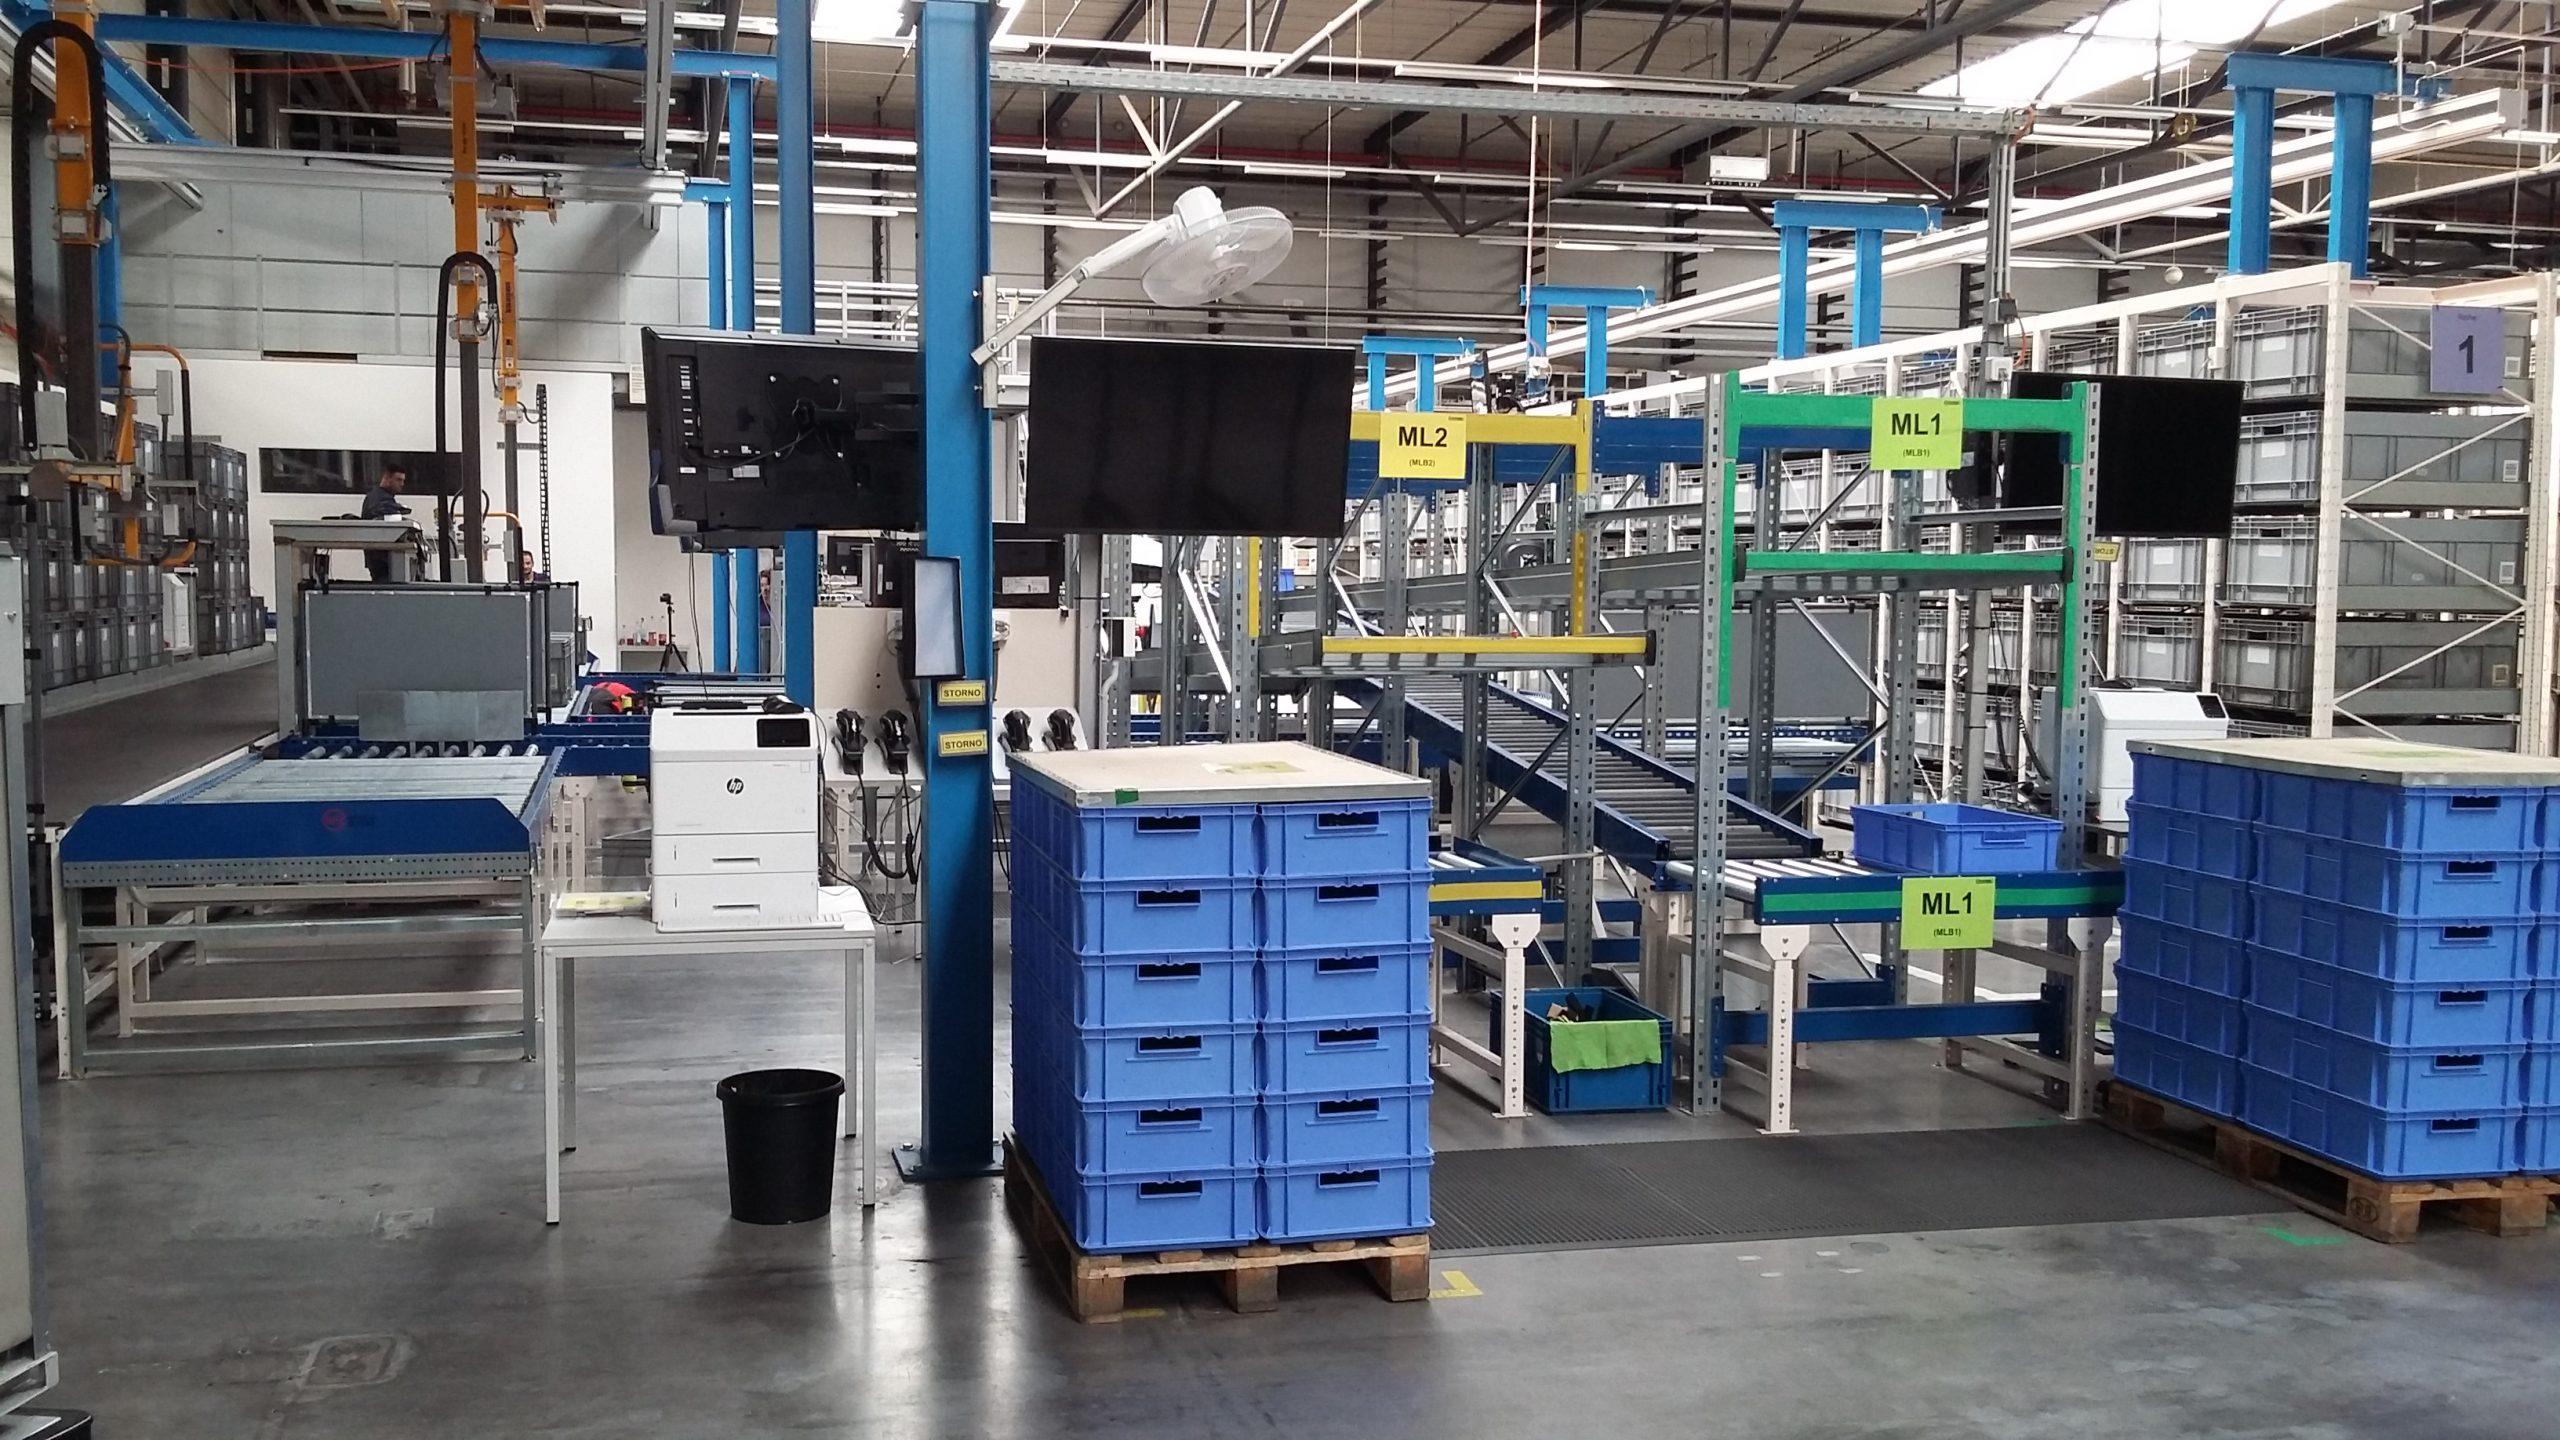 Автоматизация производственного склада Kromberg&Schubert - 11 - kapelou.com